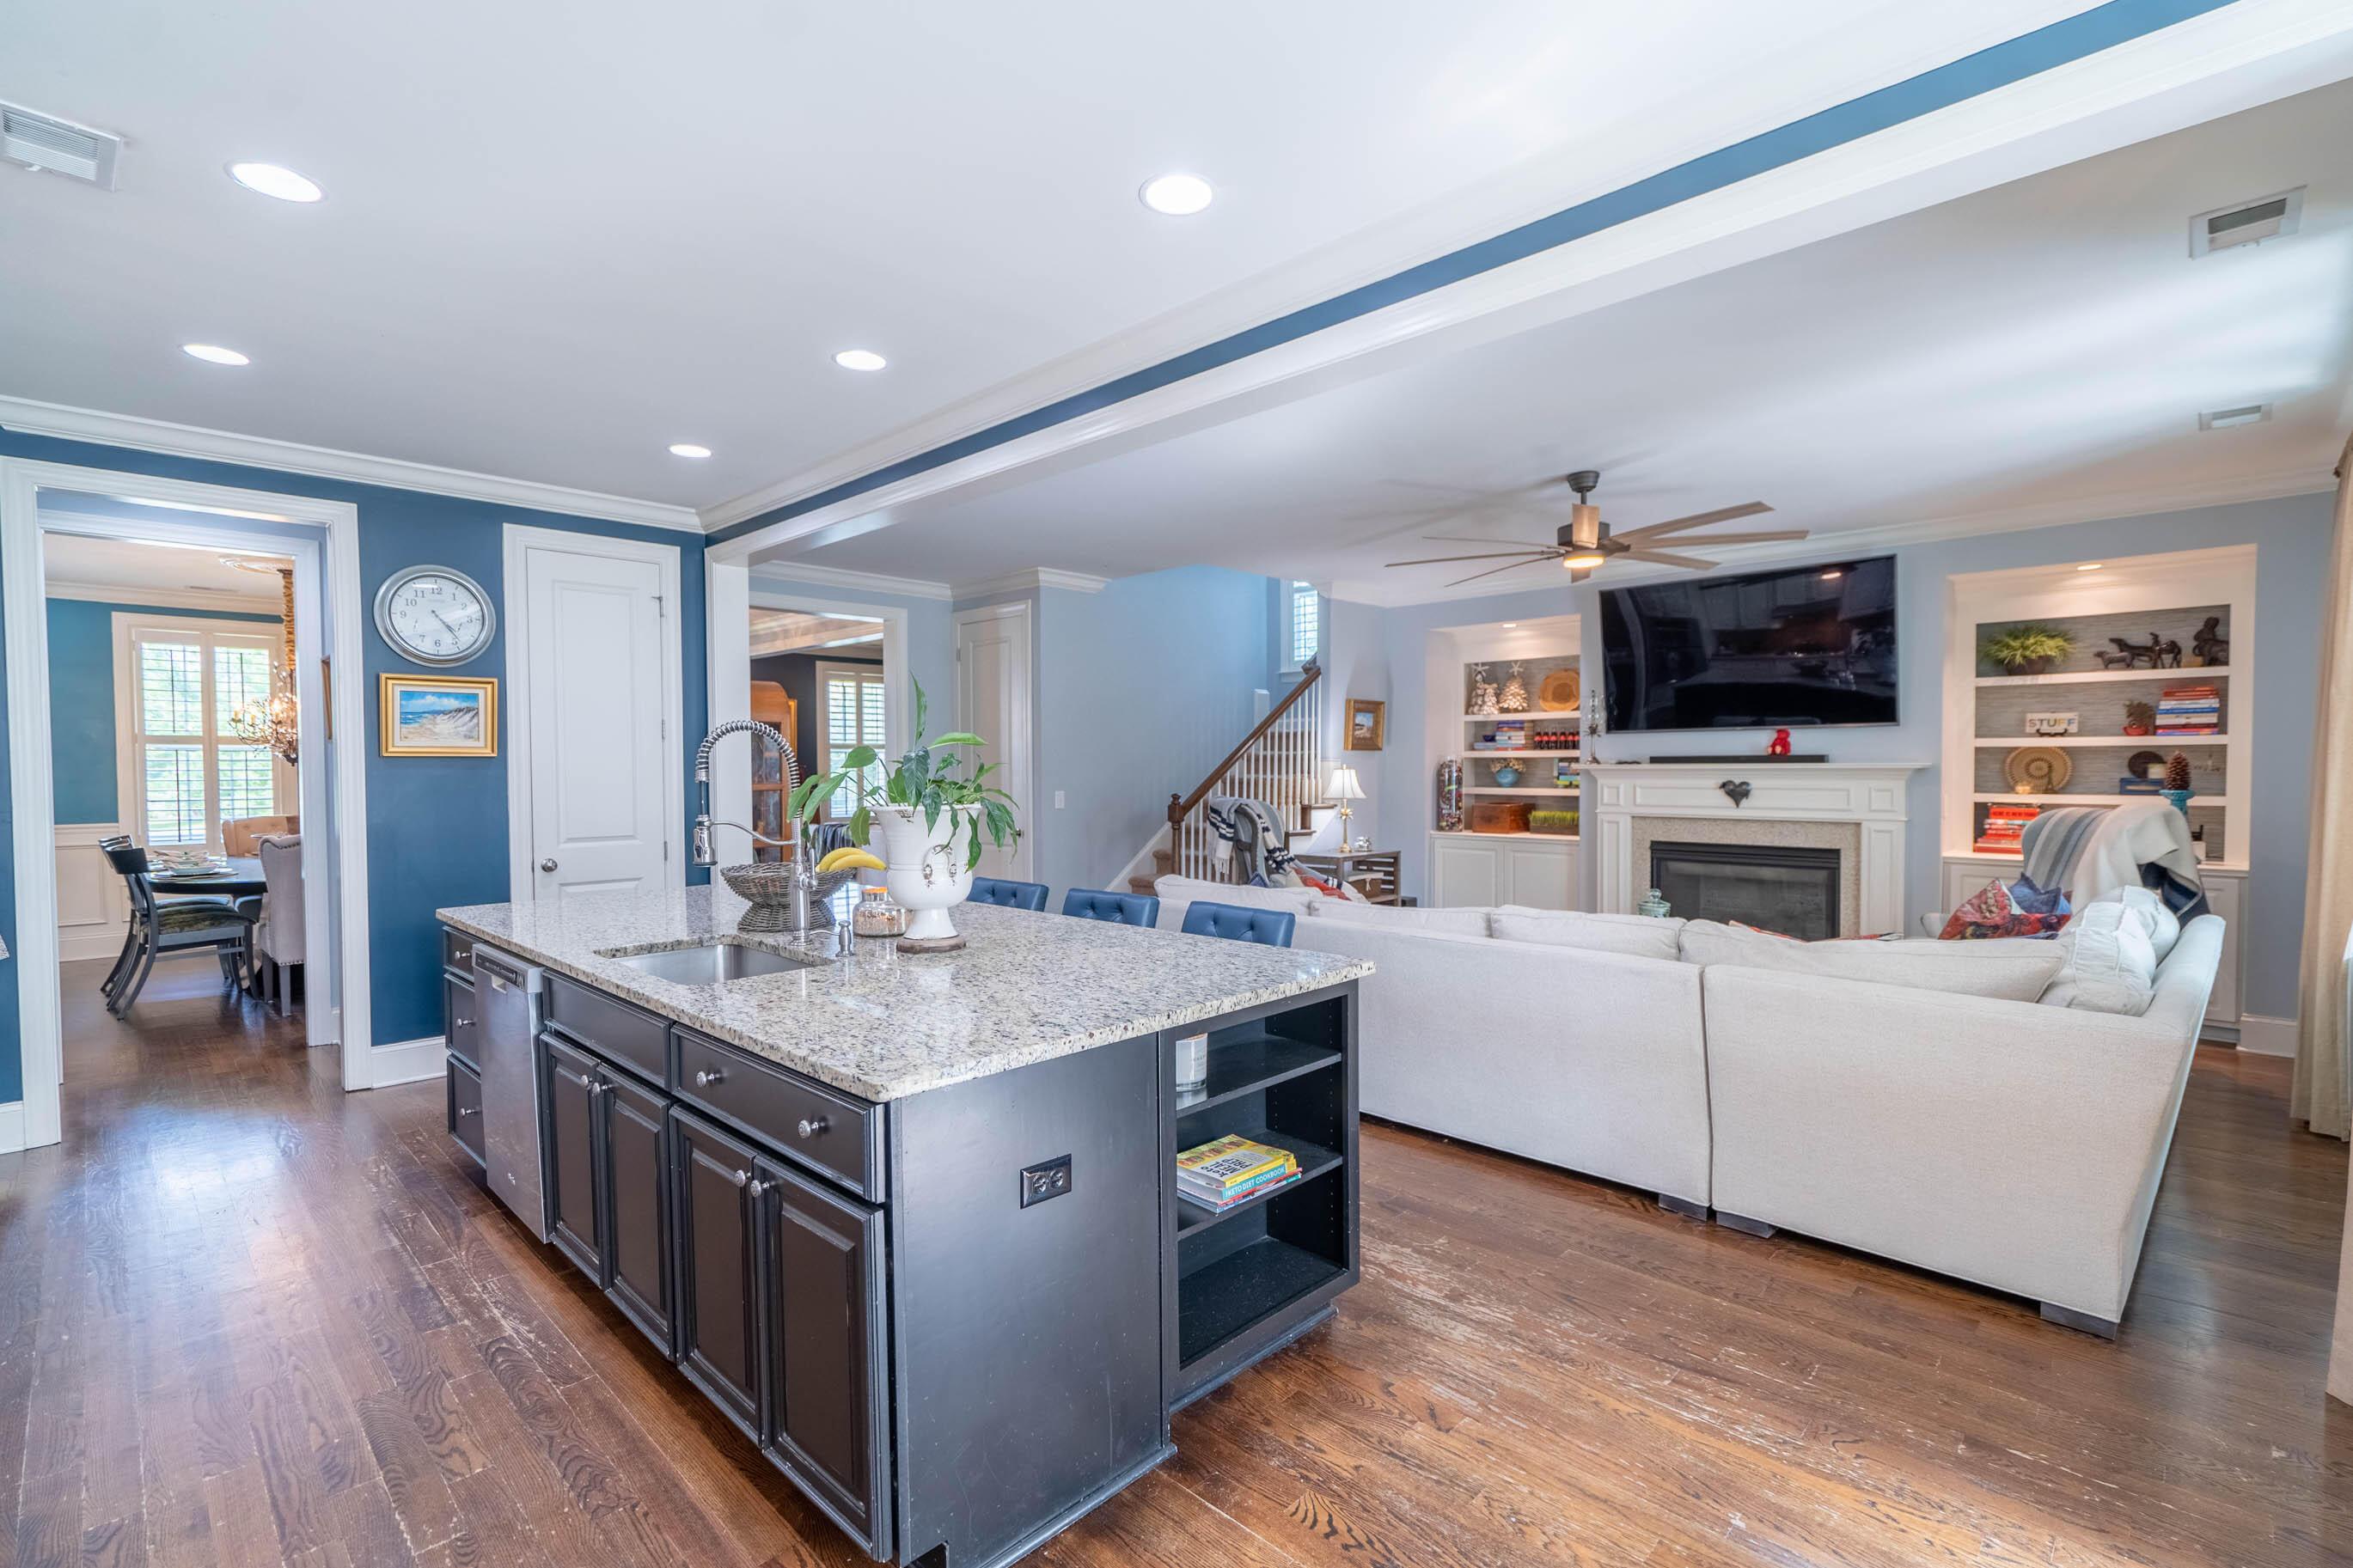 Dunes West Homes For Sale - 2997 Sturbridge, Mount Pleasant, SC - 6